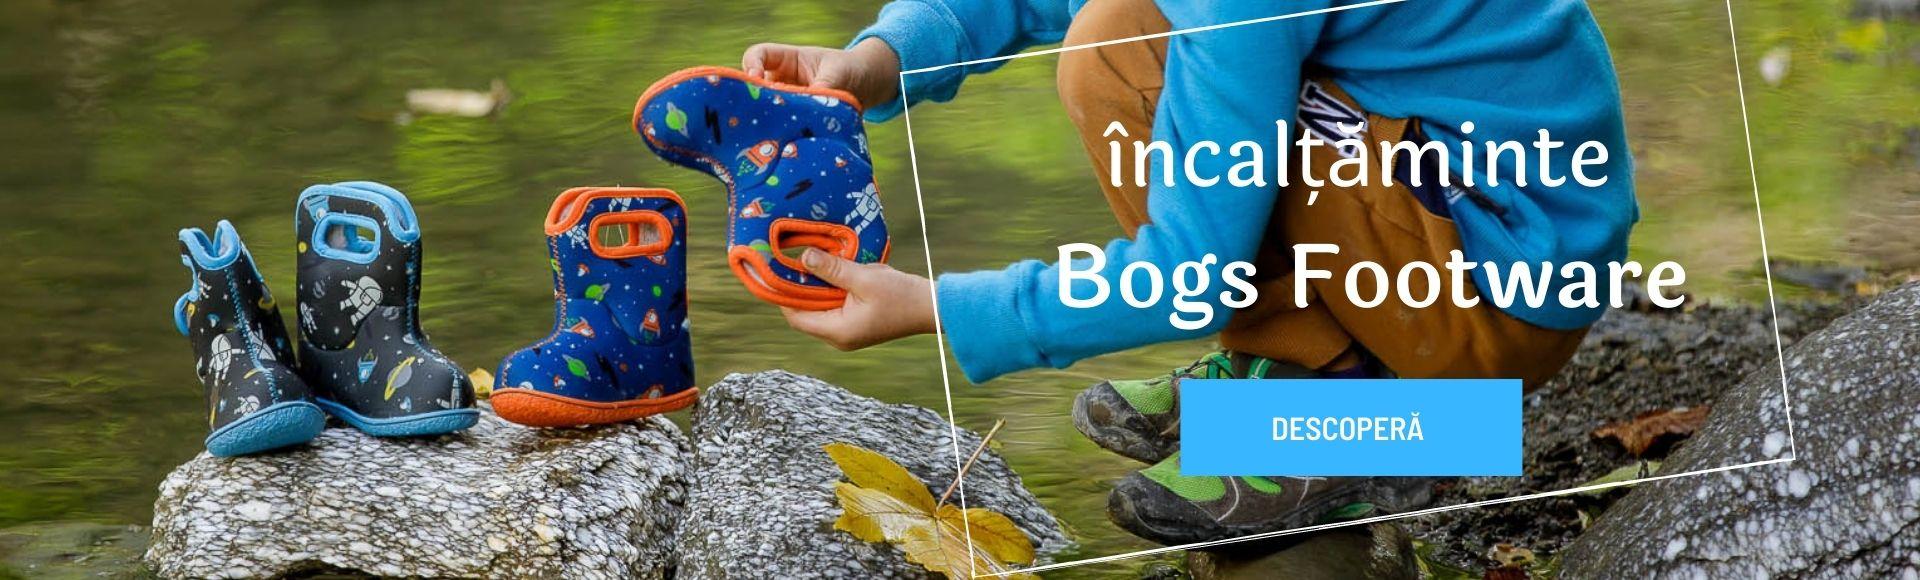 Incaltaminte Bogs Footware